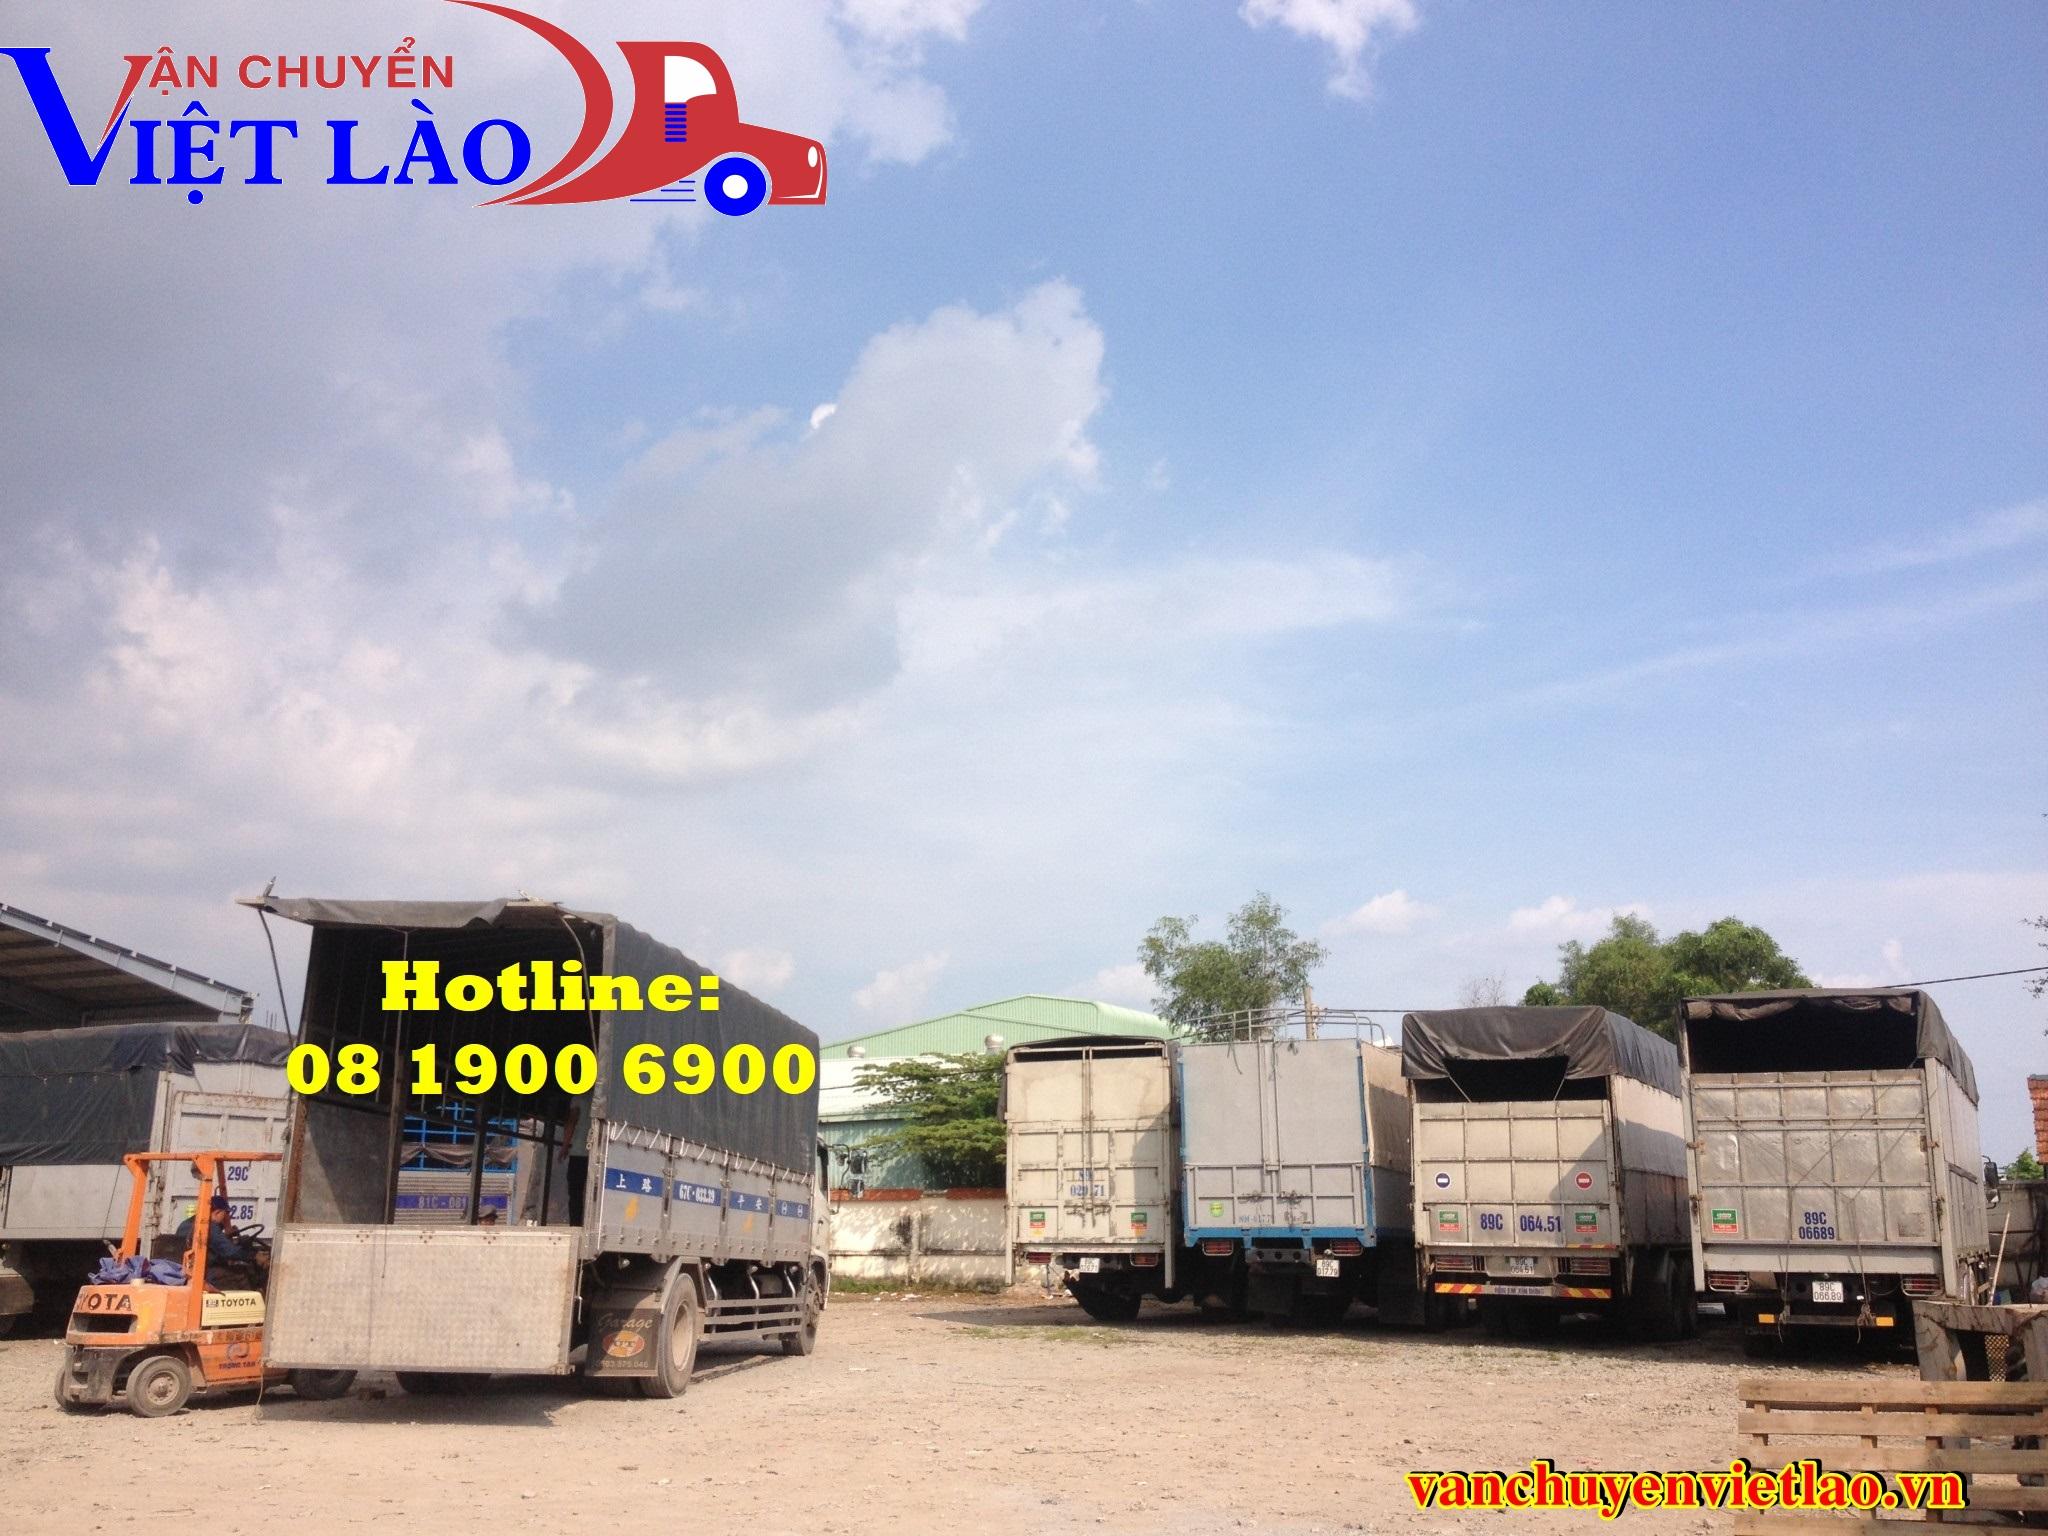 Vận chuyển hàng Hà Nội - Xiêng Khoảng